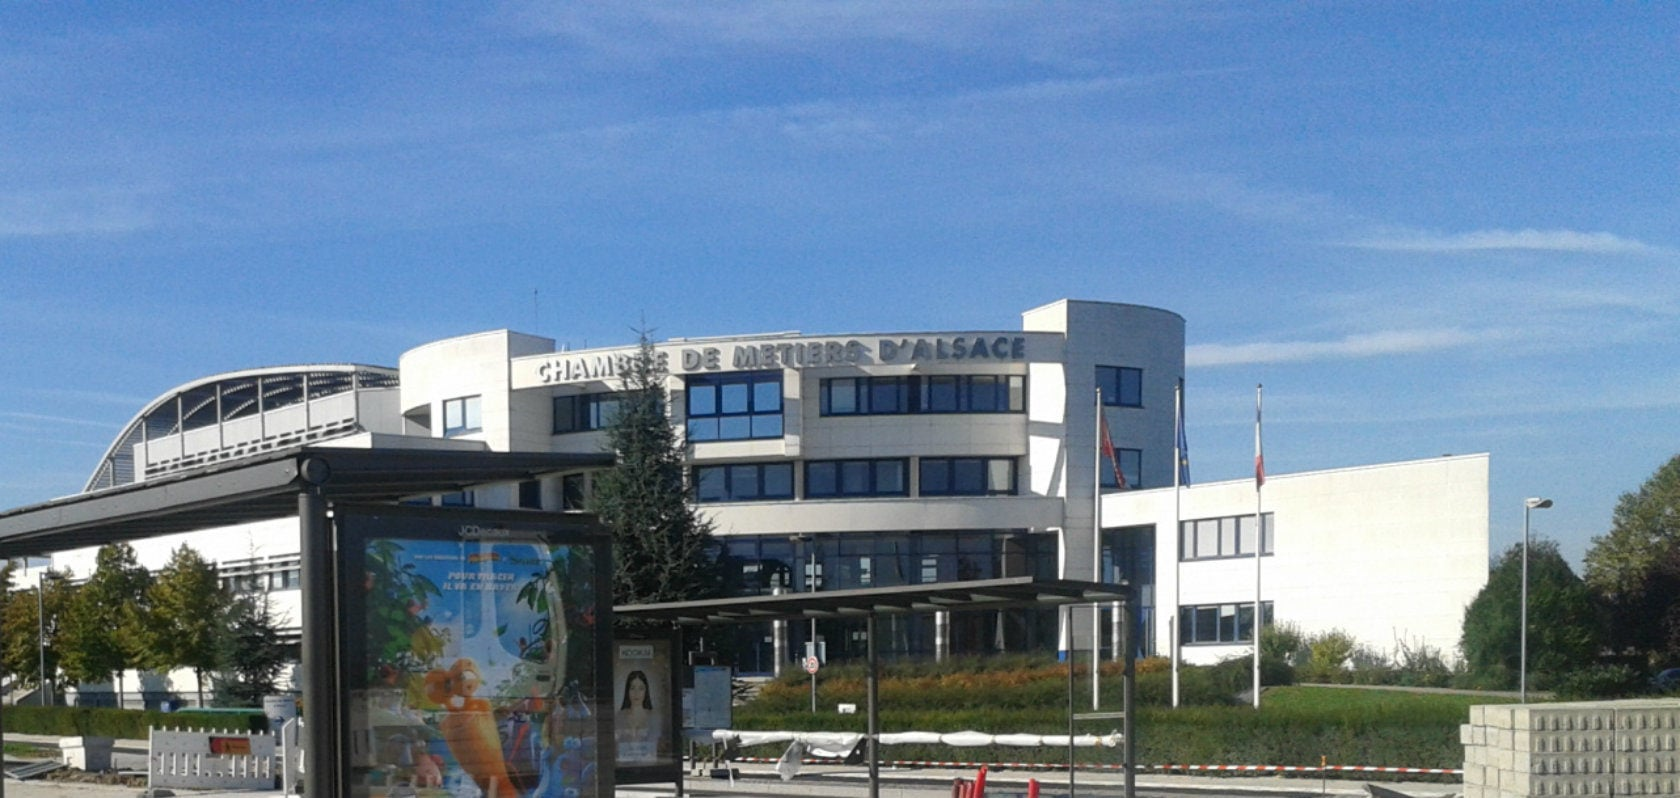 Les élus de la Chambre de métiers d'Alsace étaient payés plus que le maximum légal